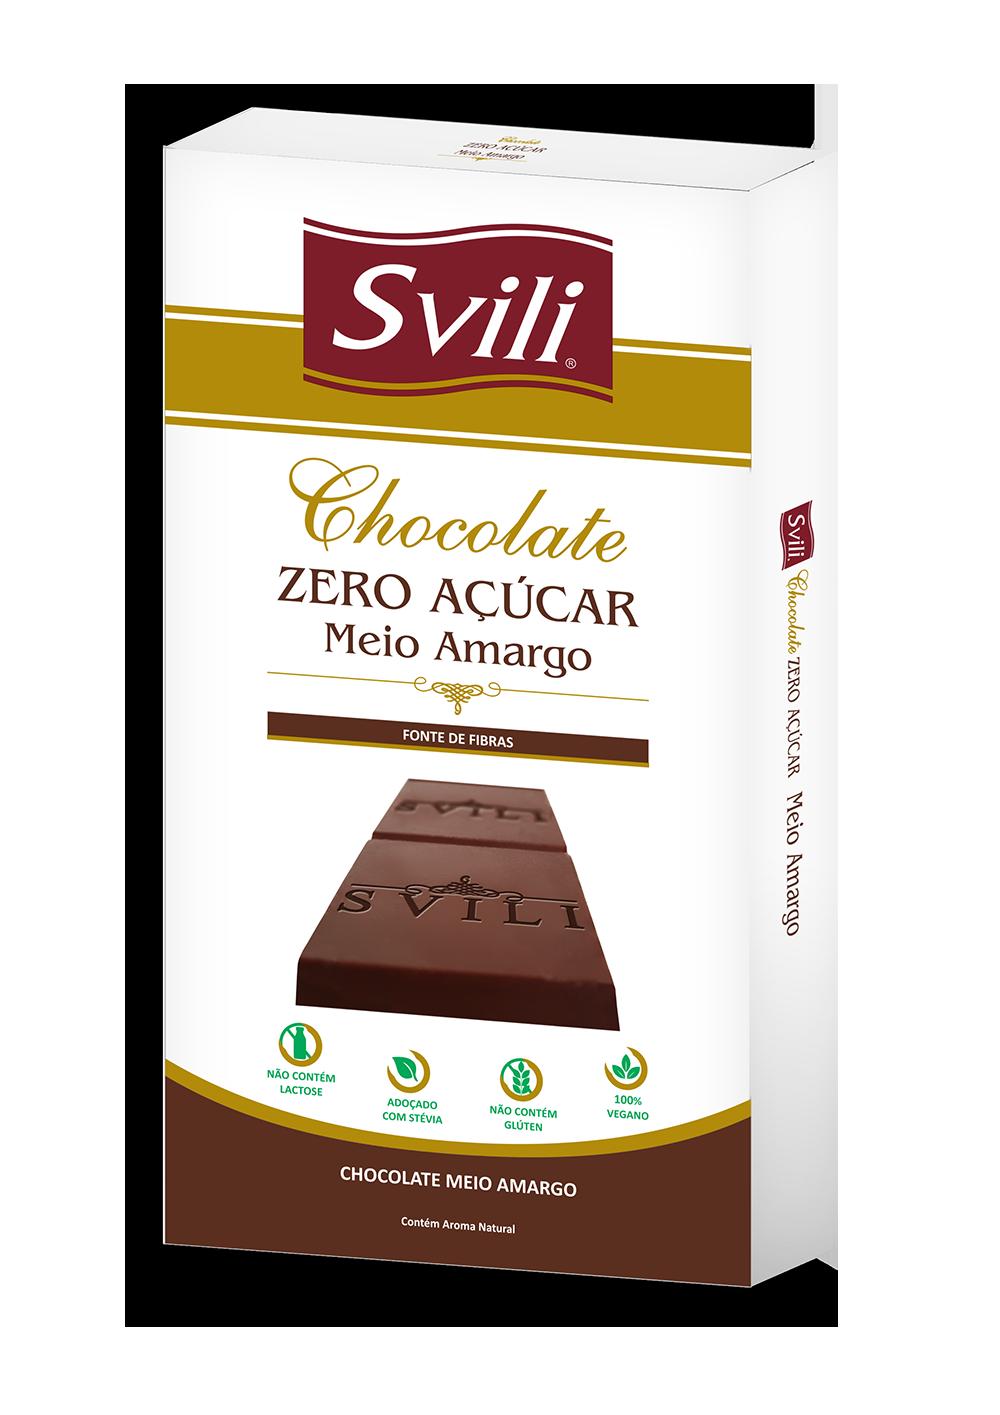 BARRA DE CHOCOLATE MEIO AMARGO ZERO AÇÚCAR